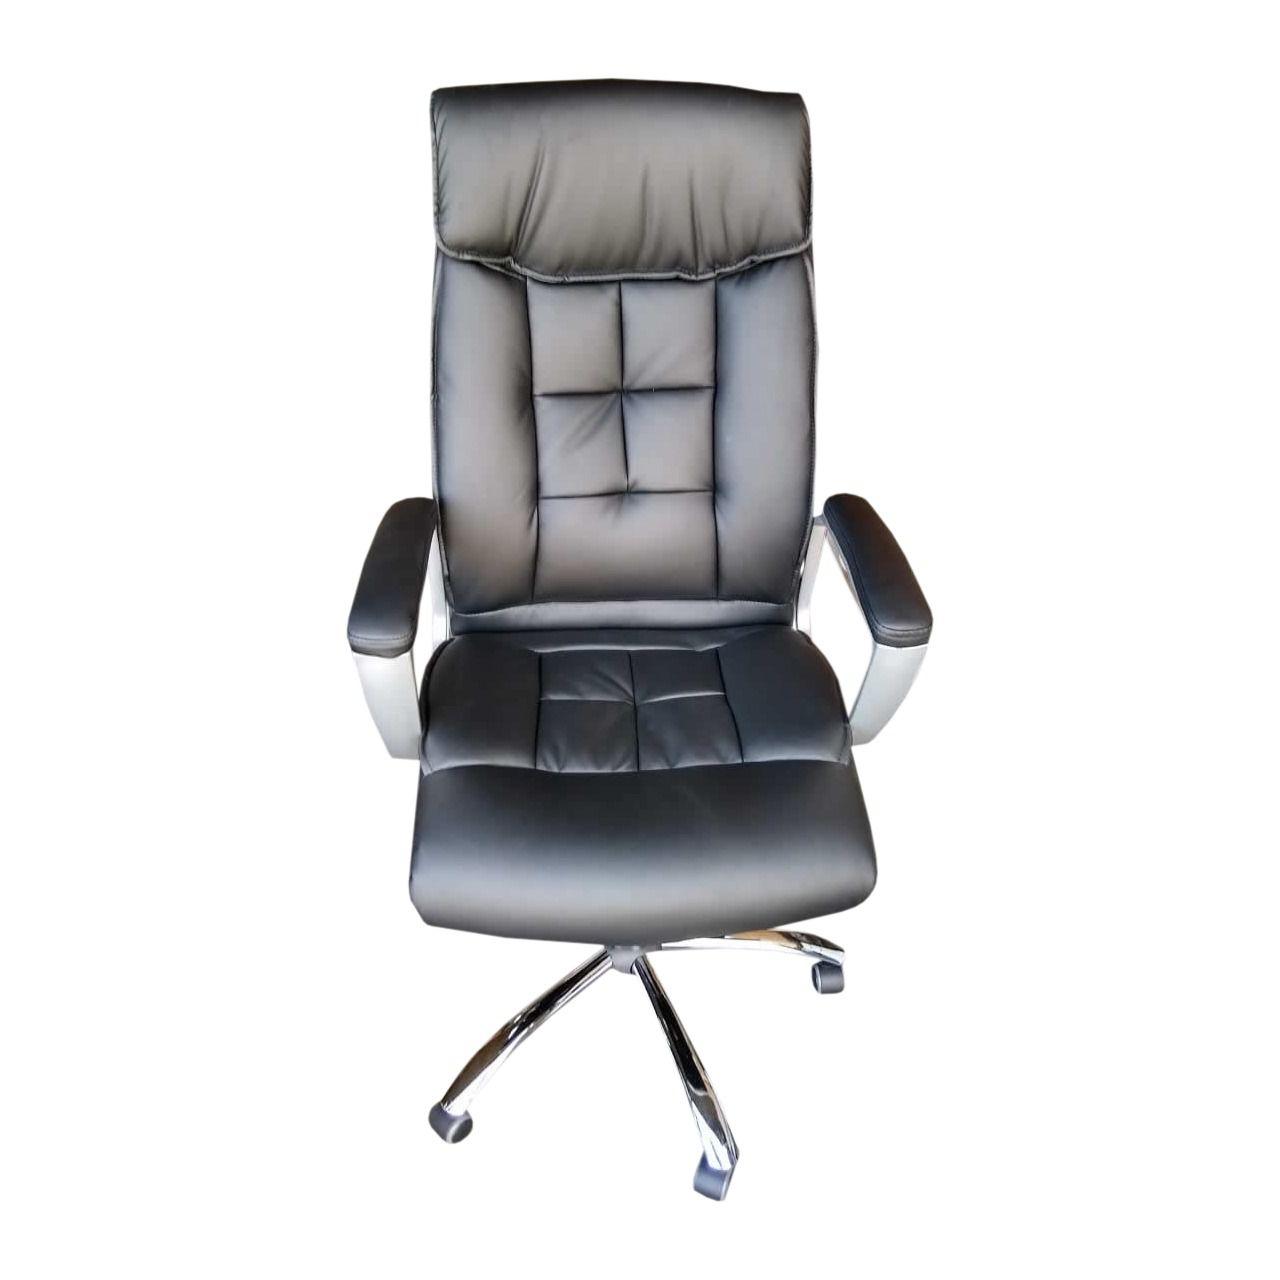 Cadeira Presidente Reclinável - Panda  - Tinay Móveis Ltda